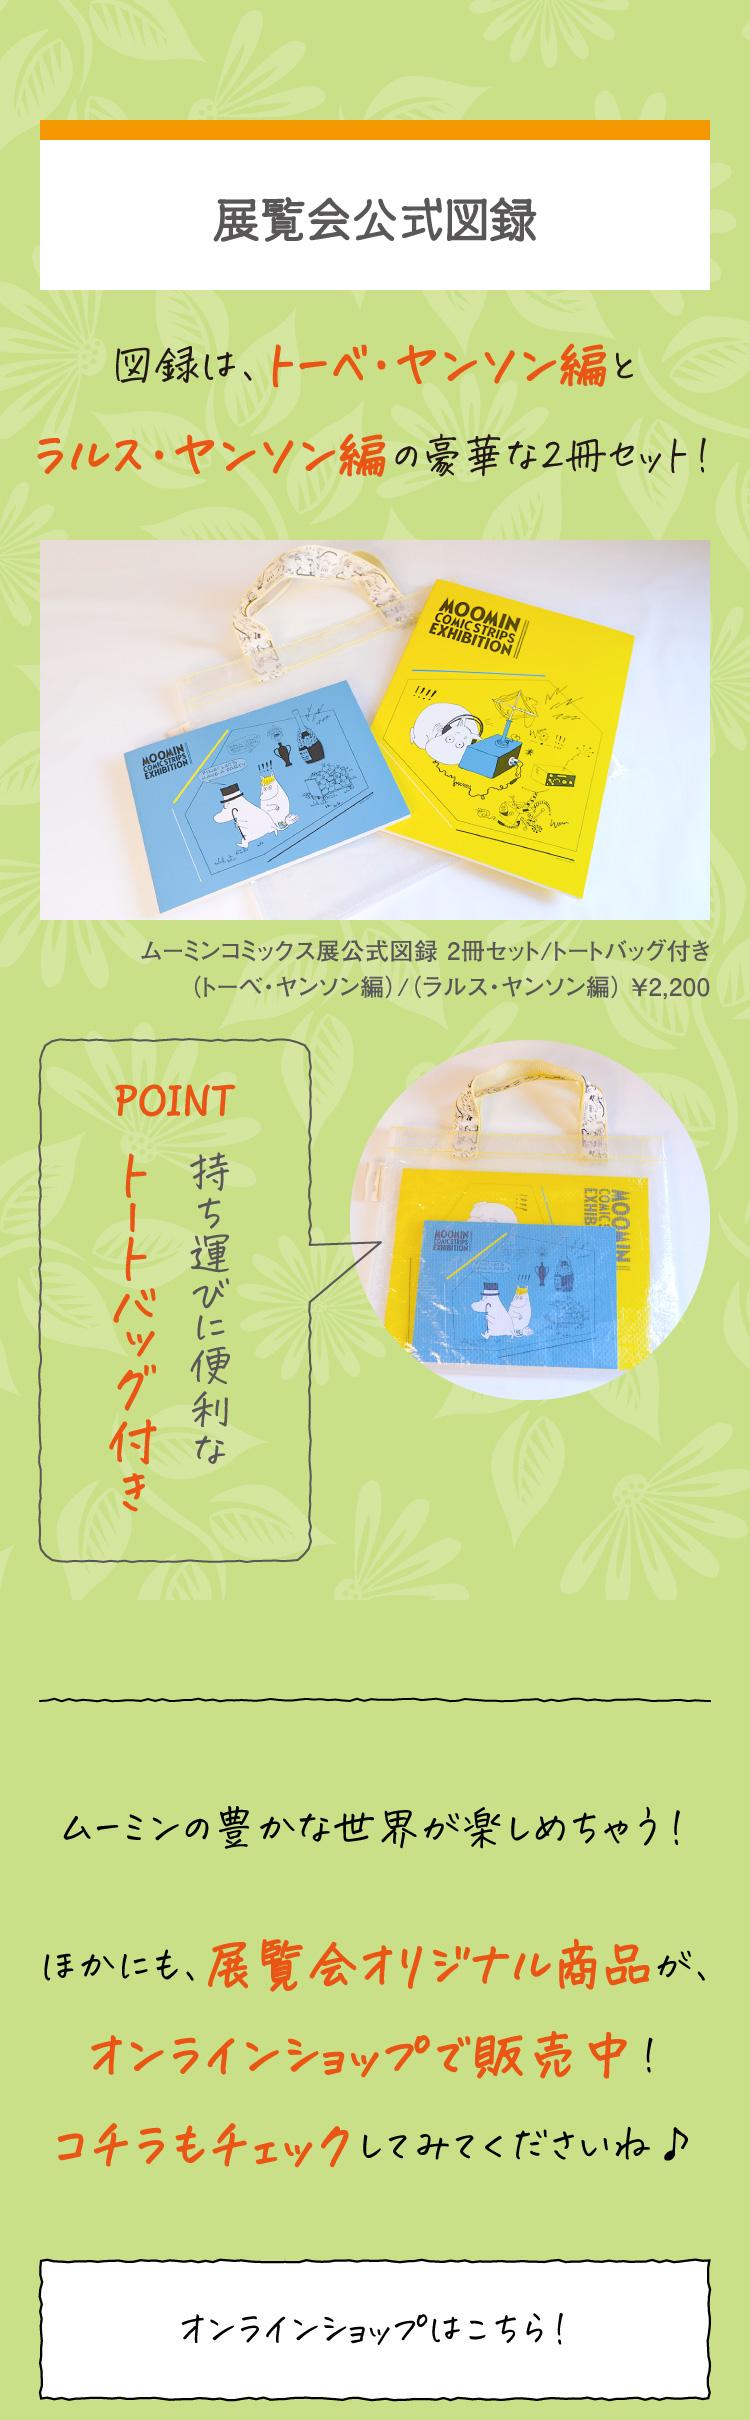 ムーミン75周年記念「ムーミン コミックス展」 OBIKAKE グッズ紹介 ミュージアムグッズ COCOMONO ココモノ